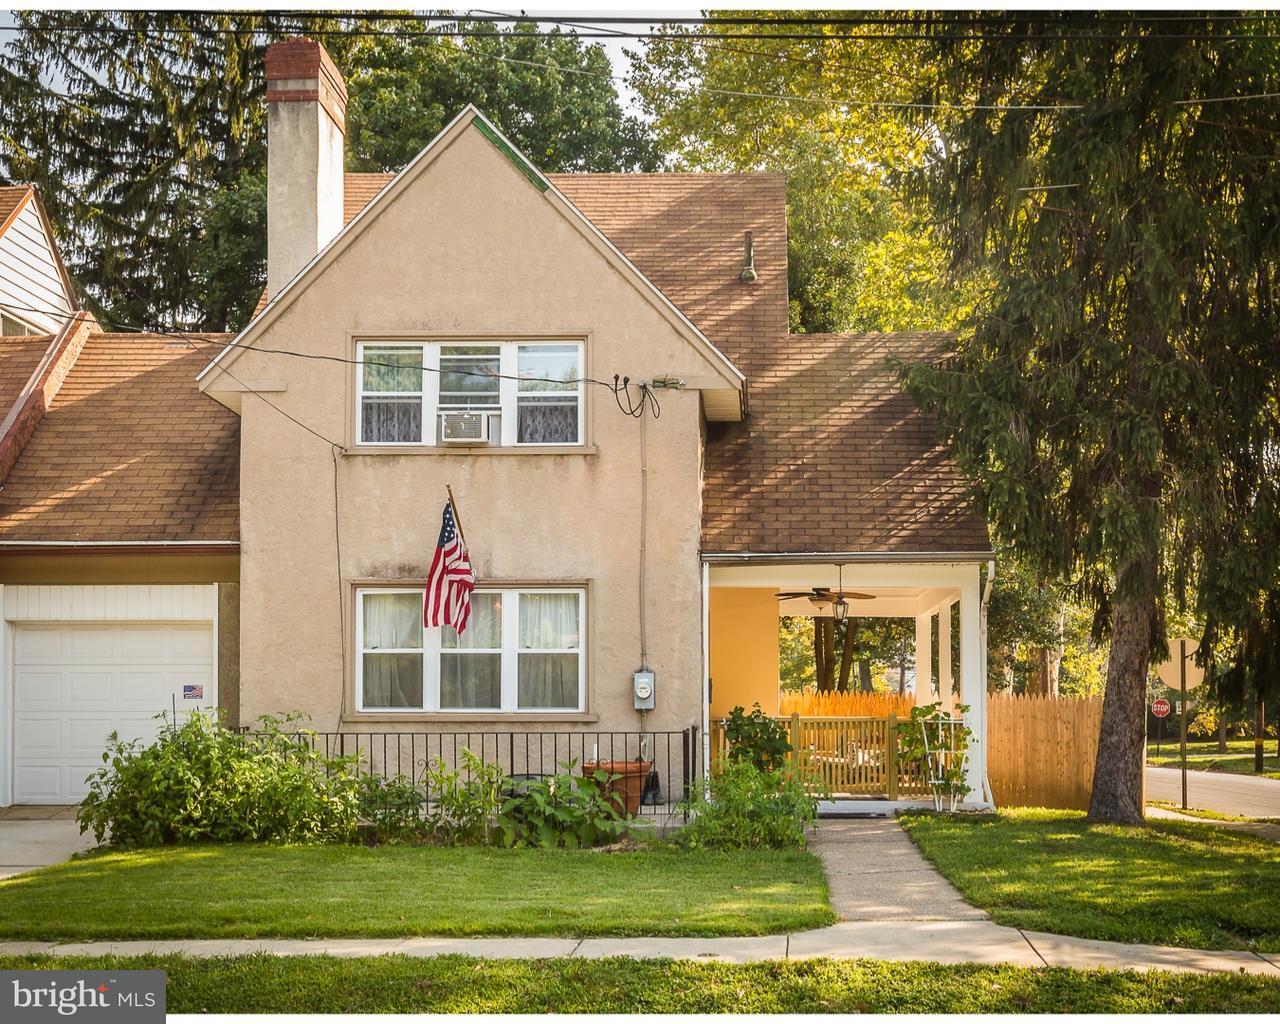 501 Mason Avenue Drexel Hill, PA 19026